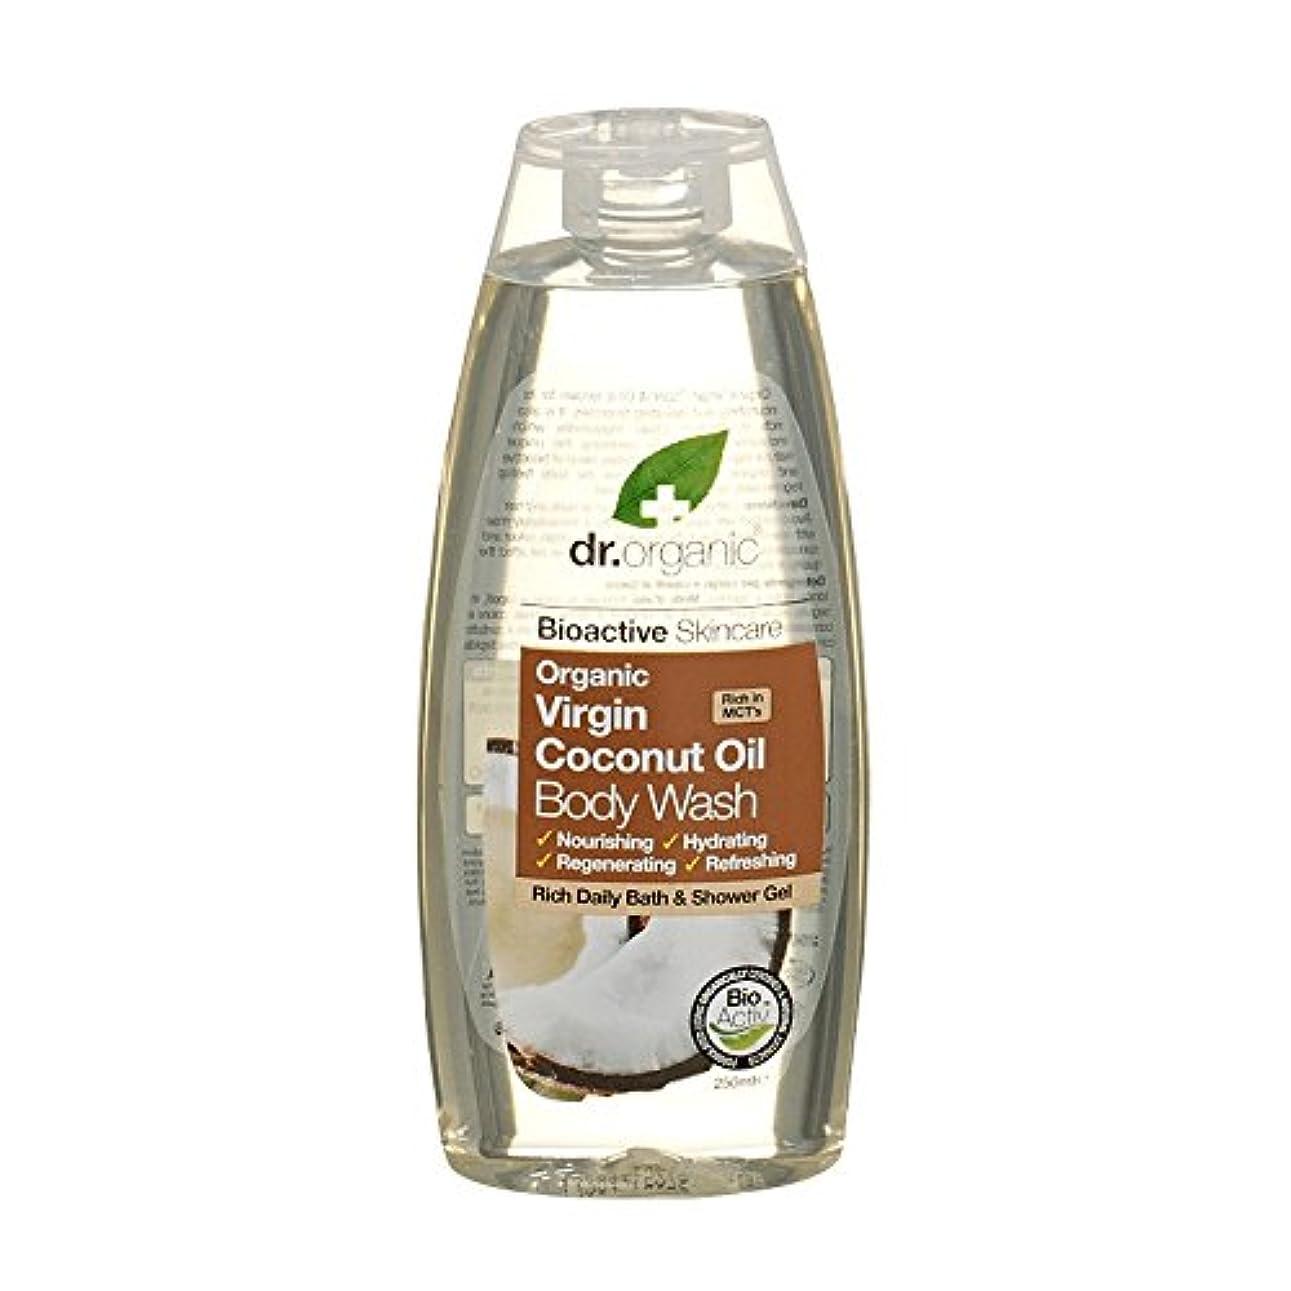 凍った考える浪費Dr Organic Organic Virgin Coconut Oil Body Wash (Pack of 2) - Dr有機有機バージンココナッツオイルボディウォッシュ (x2) [並行輸入品]